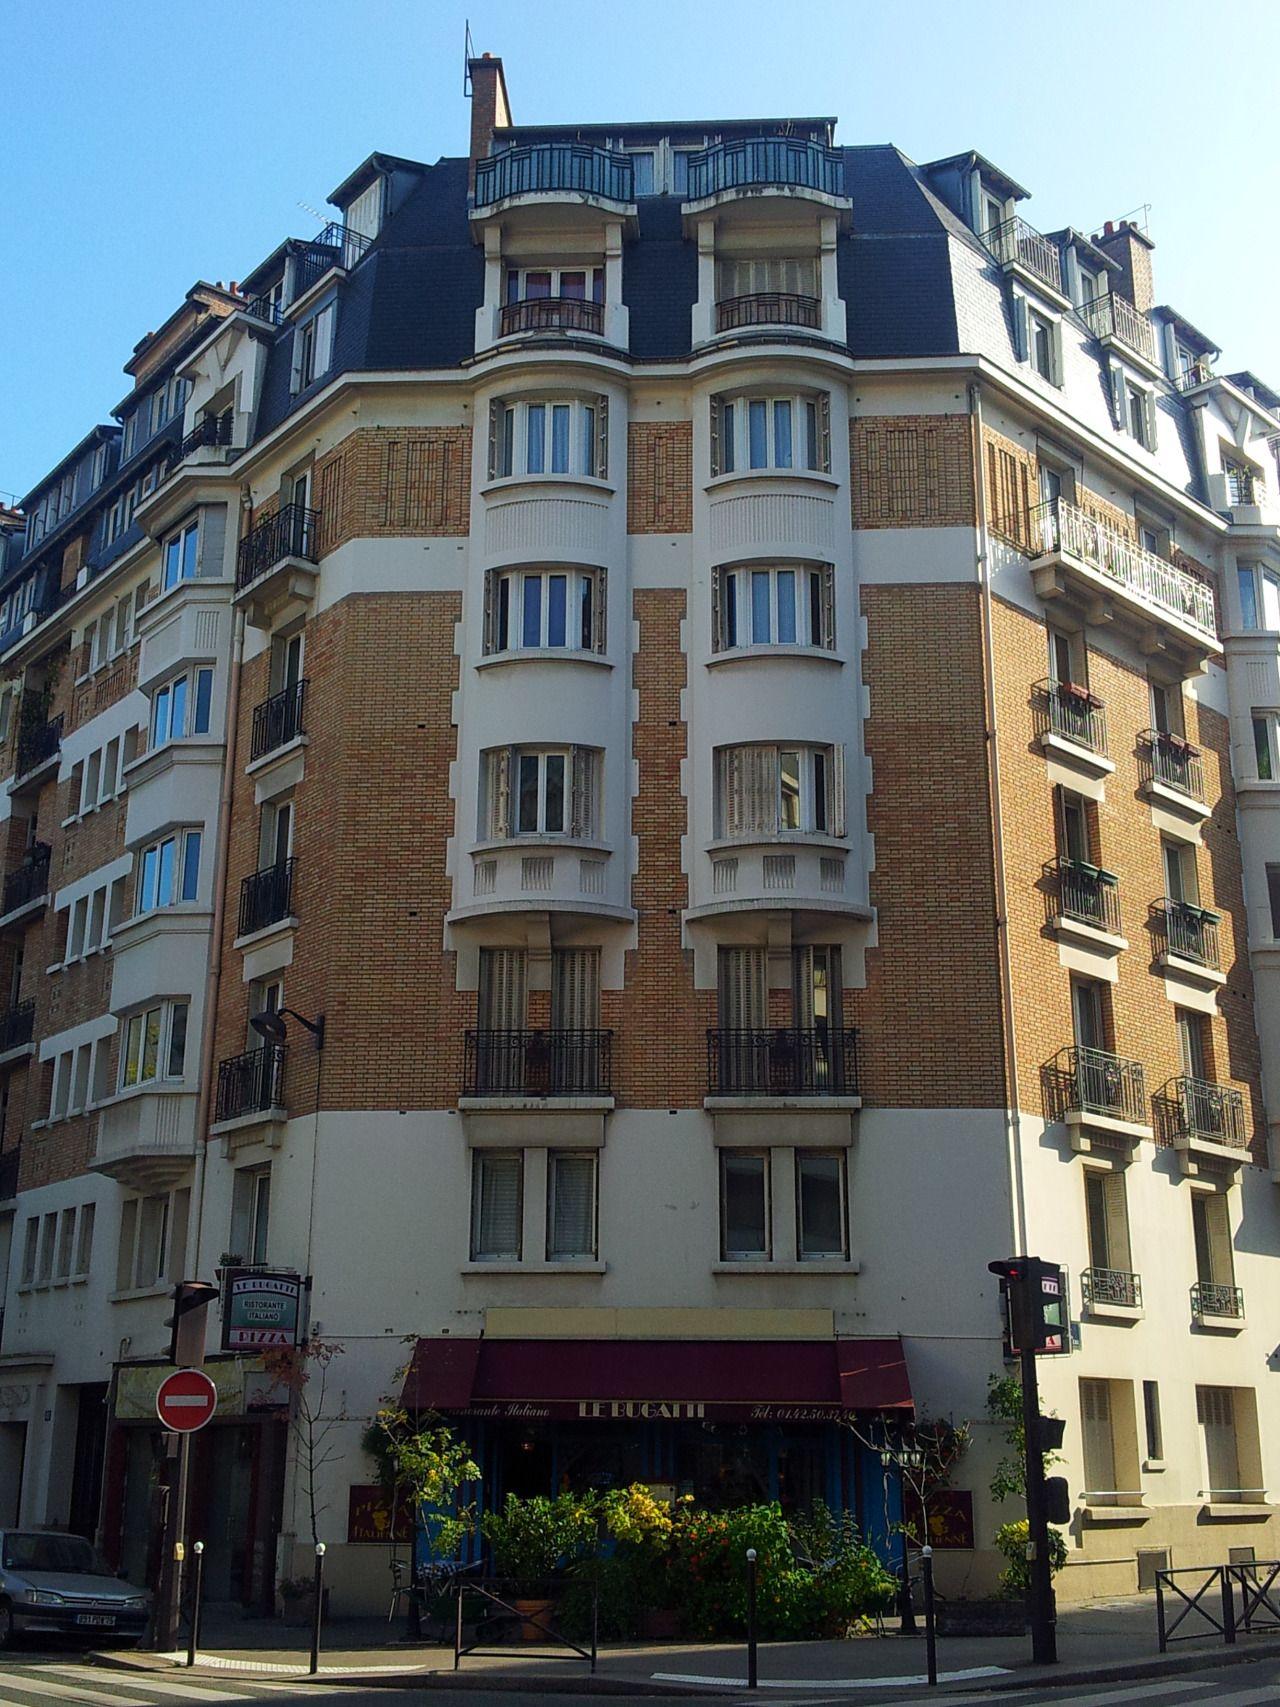 Paris en photo - paris-enphoto:   - Le Bugatti